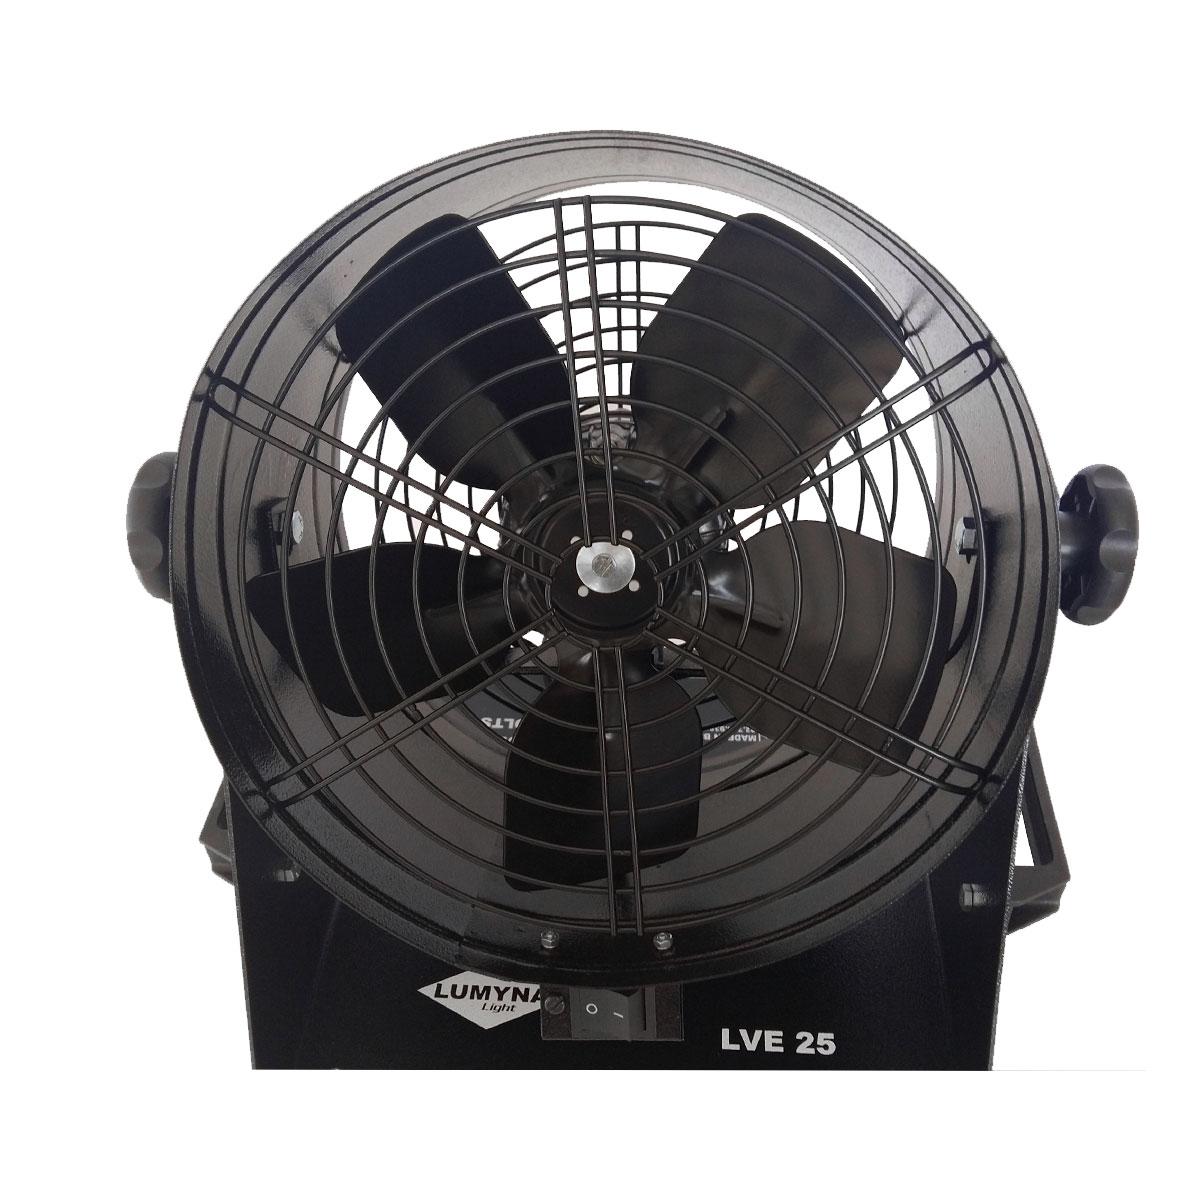 Ventilador para Dispersar Fumaça LVE25 220V - Lumyna Light